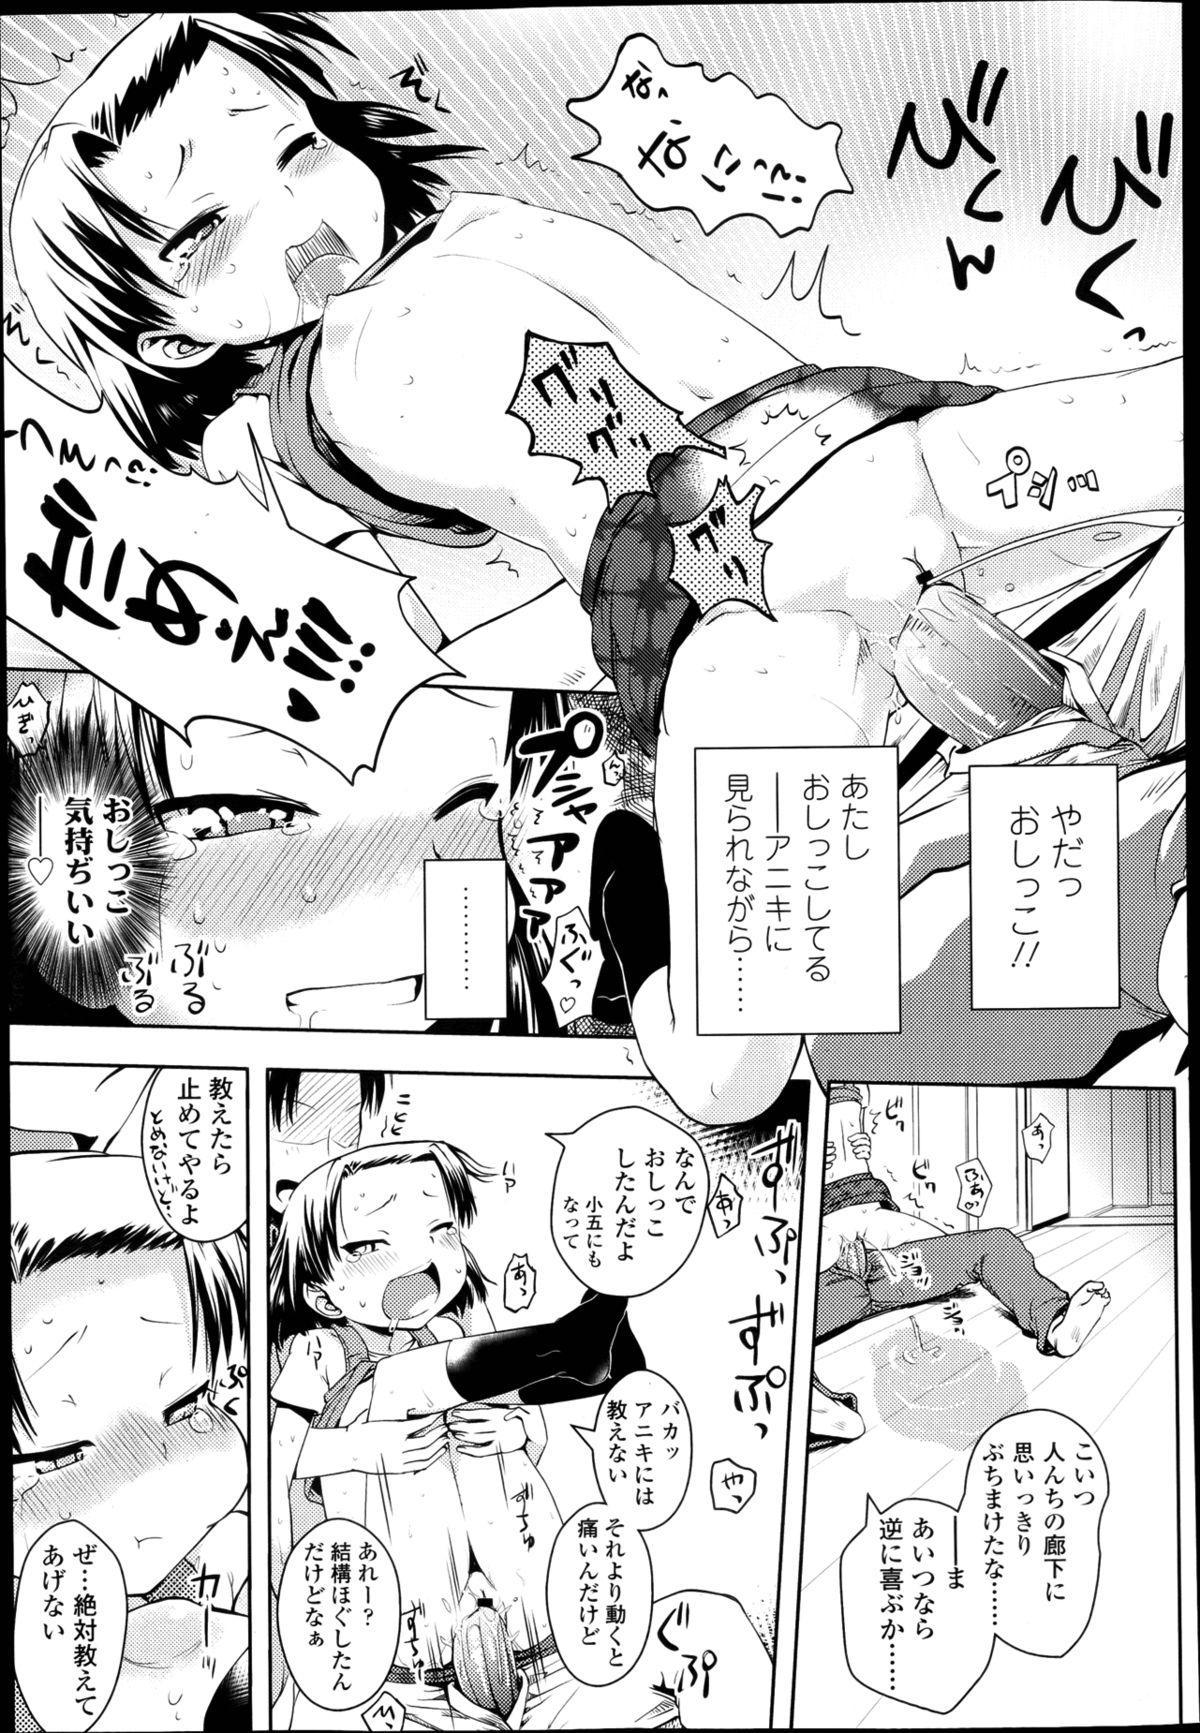 Idol tte Kimochi Ii? Ch.1-2 39